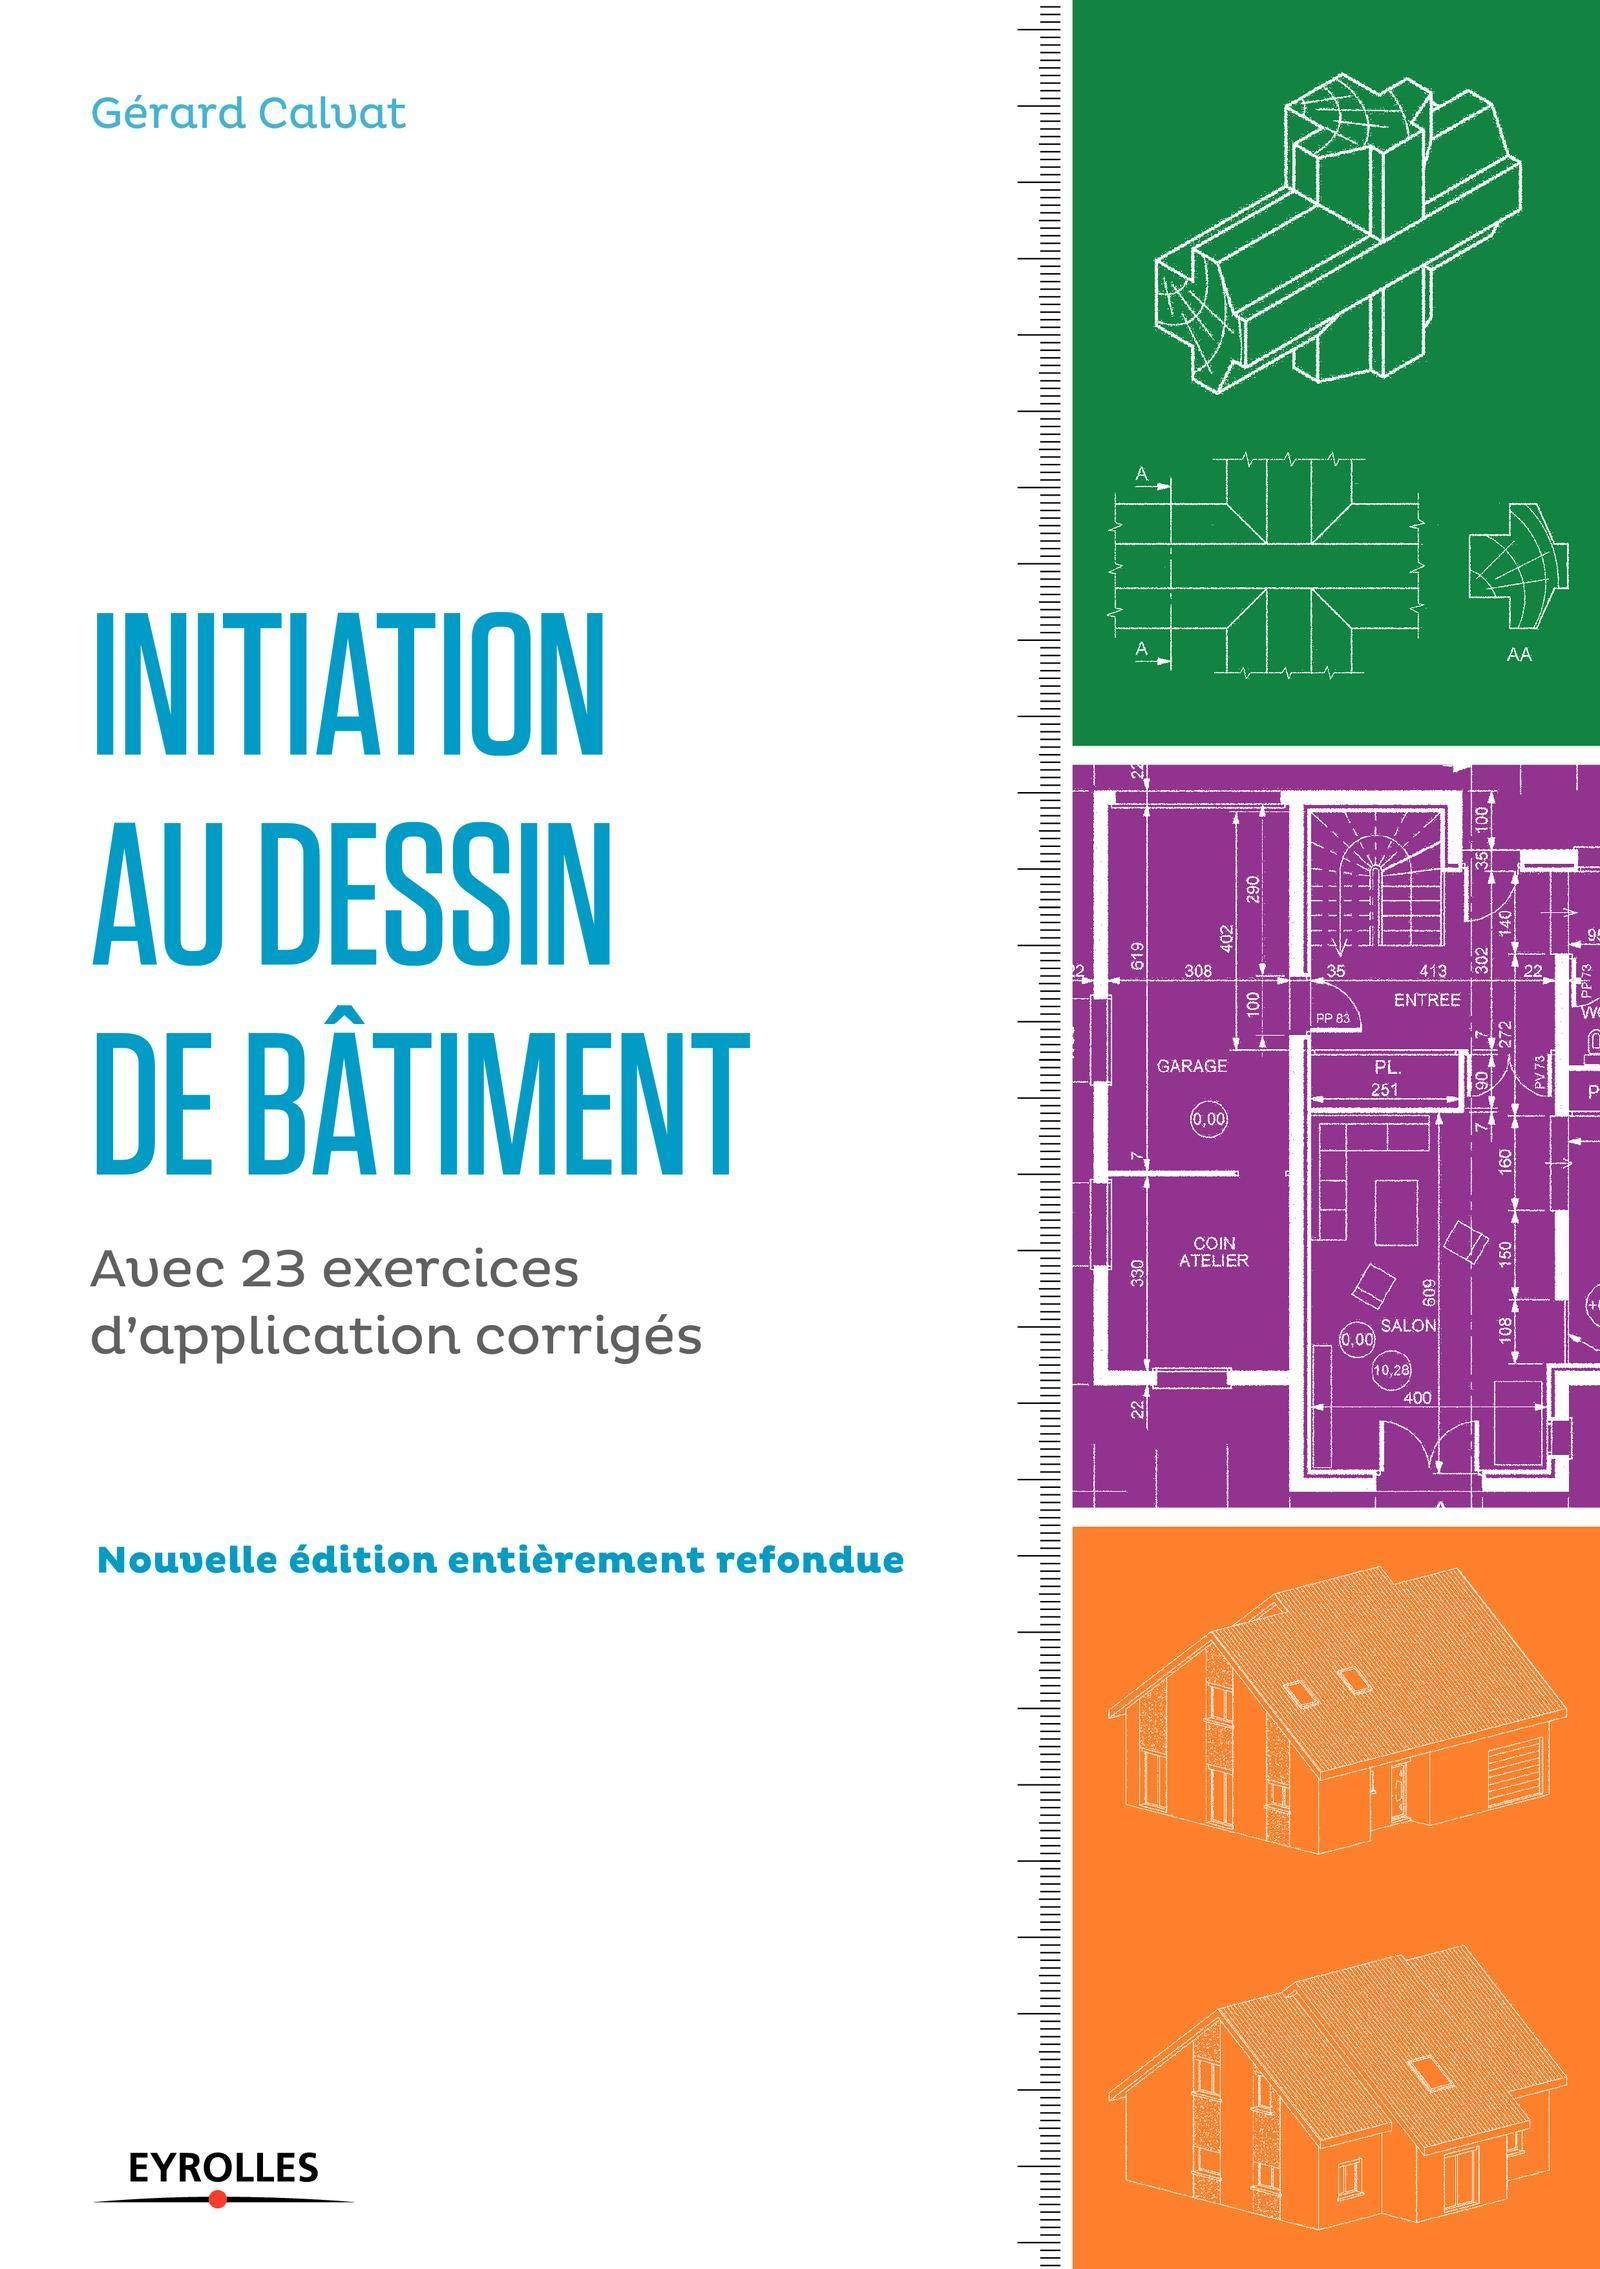 Initiation Au Dessin Batiment Avec 23 Exercices D Application Corriges Blanche Btp French Edition Calvat Gerard 9782212142730 Amazon Com Books